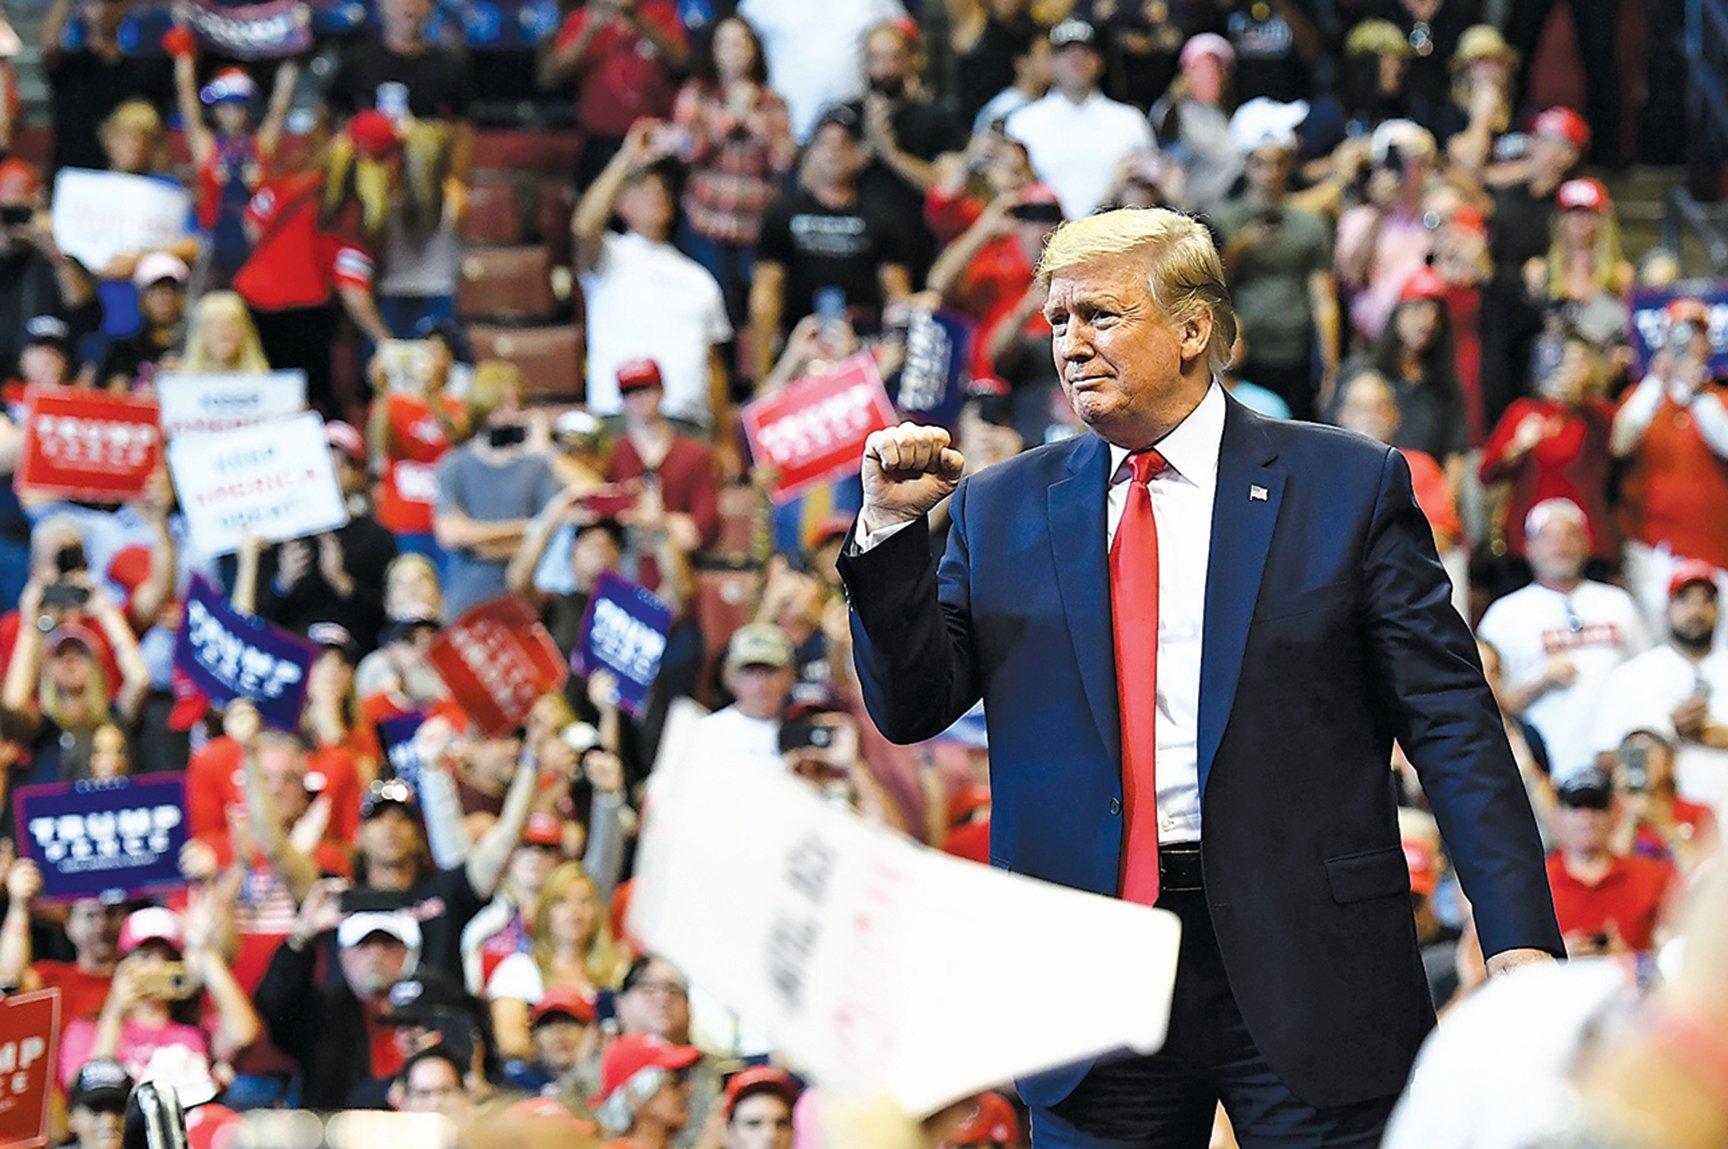 美國總統特朗普11月26日在佛羅里達州日出城的「保持美國偉大」集會上握拳回應支持者的歡呼聲。(AFP)